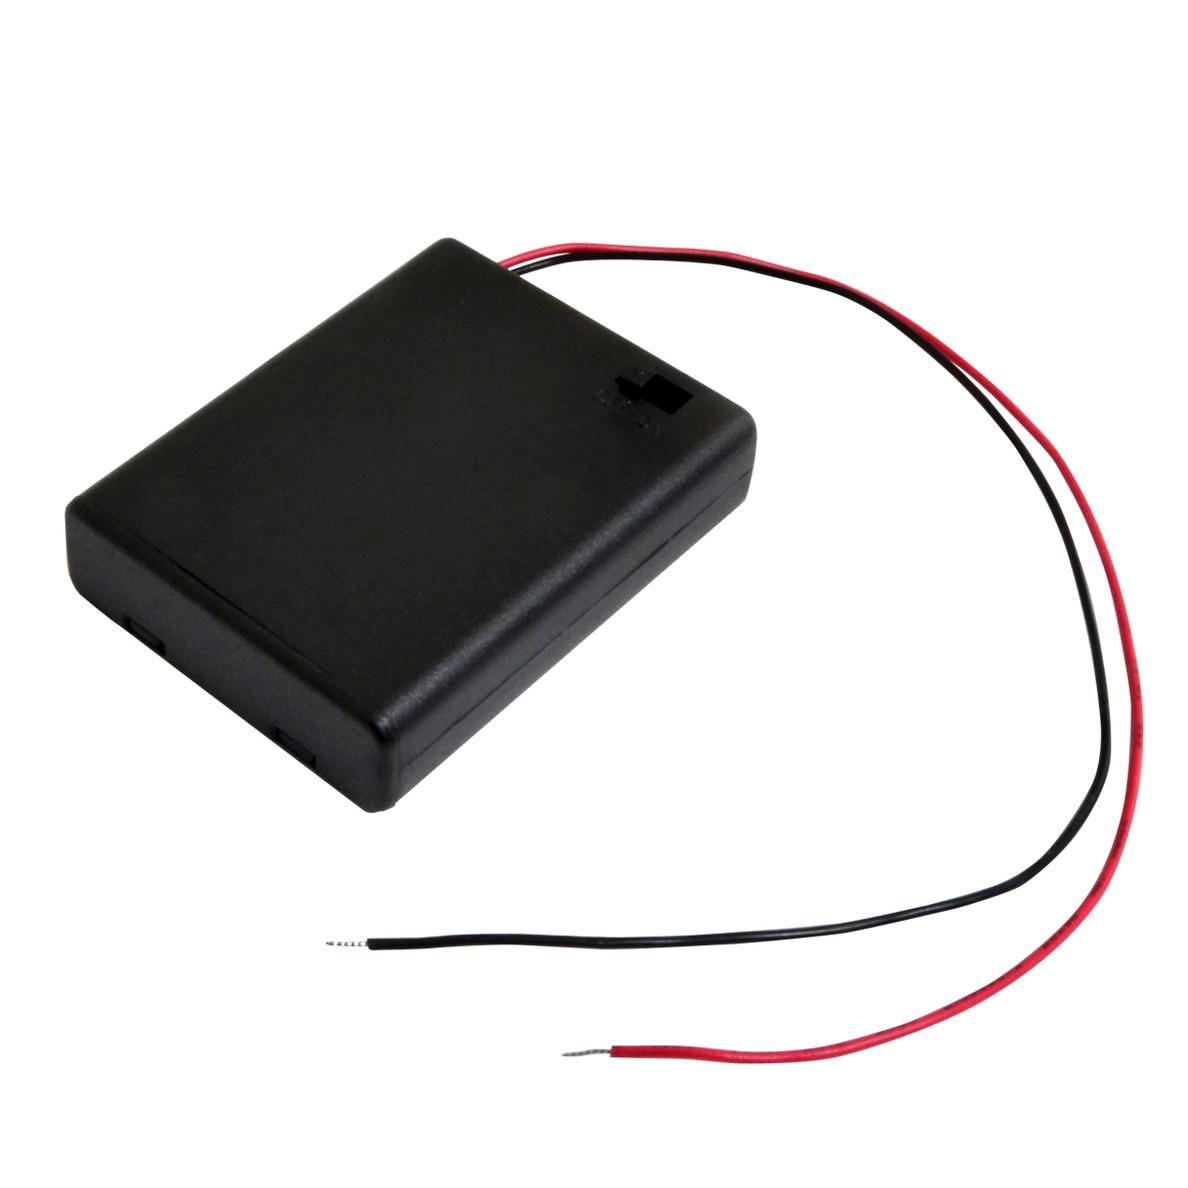 6471 100個 電池ボックス 単3乾電池×3本 マート ケーブル20cm フタ SBH-331AS スイッチ付 安値